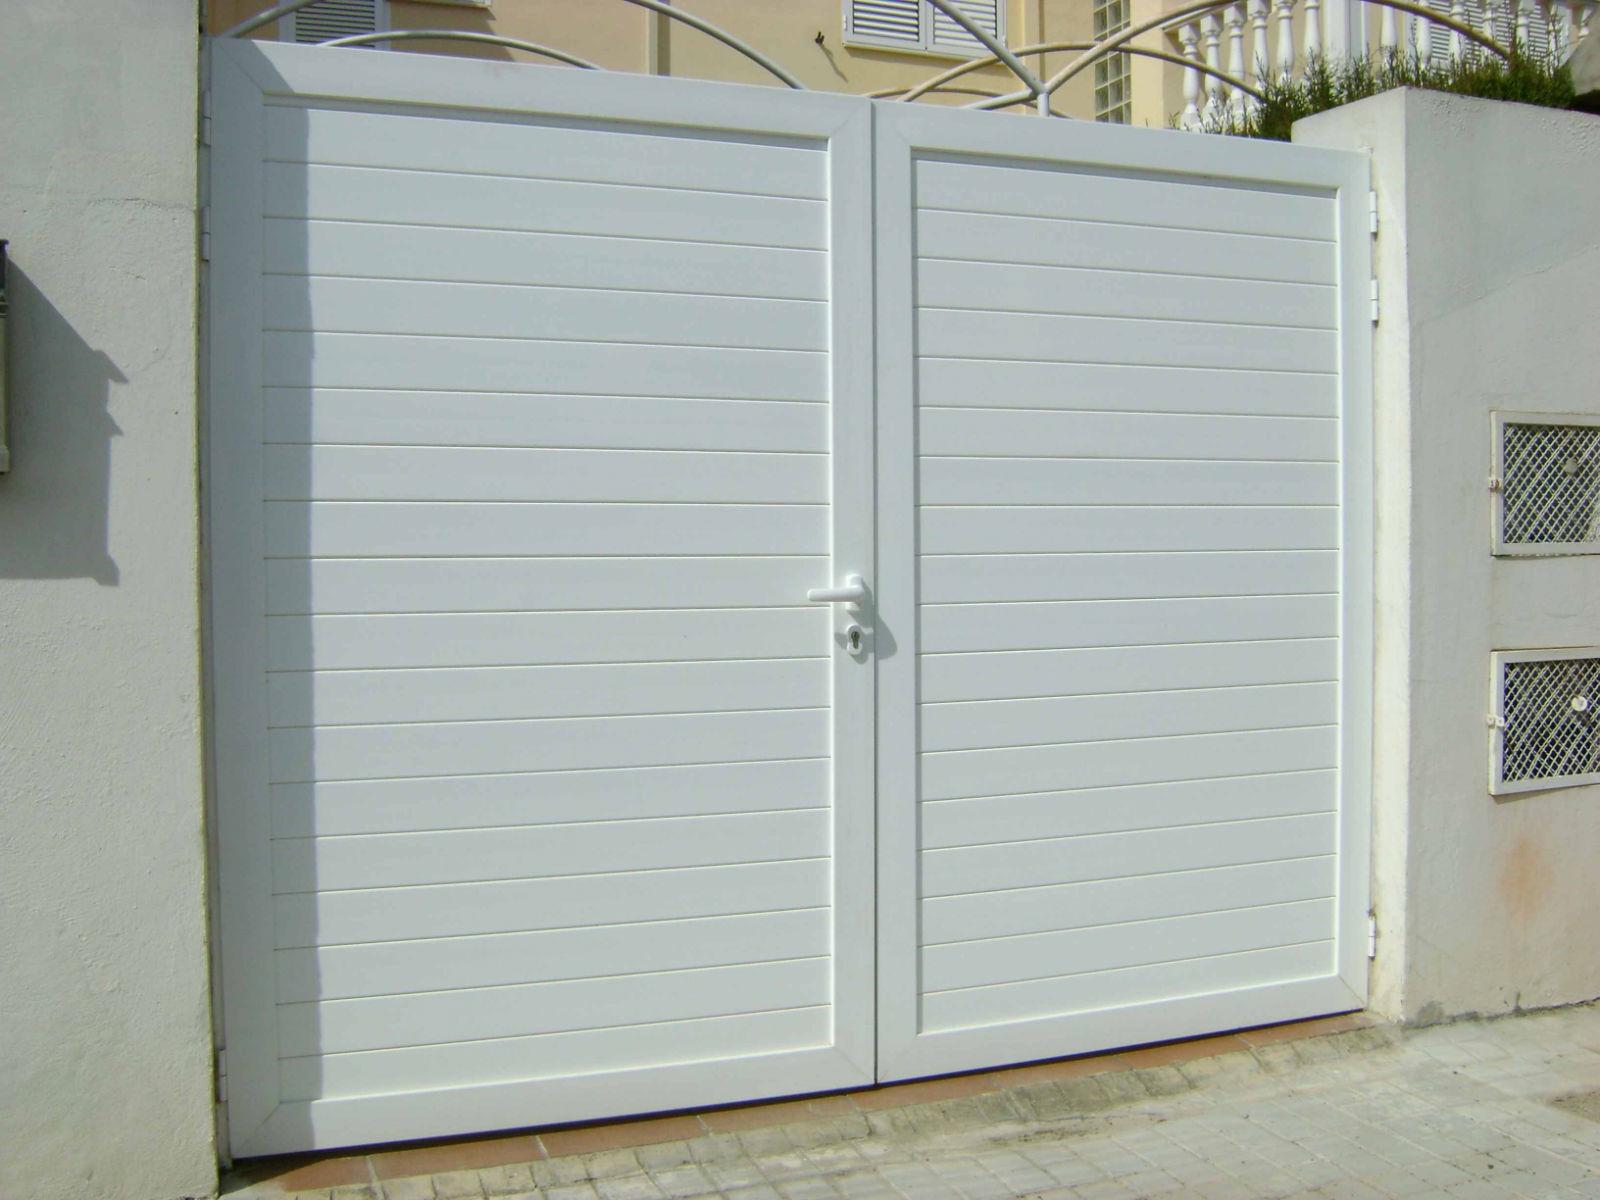 Puertas de aluminio para ba o modernas - Cristaleras de aluminio ...